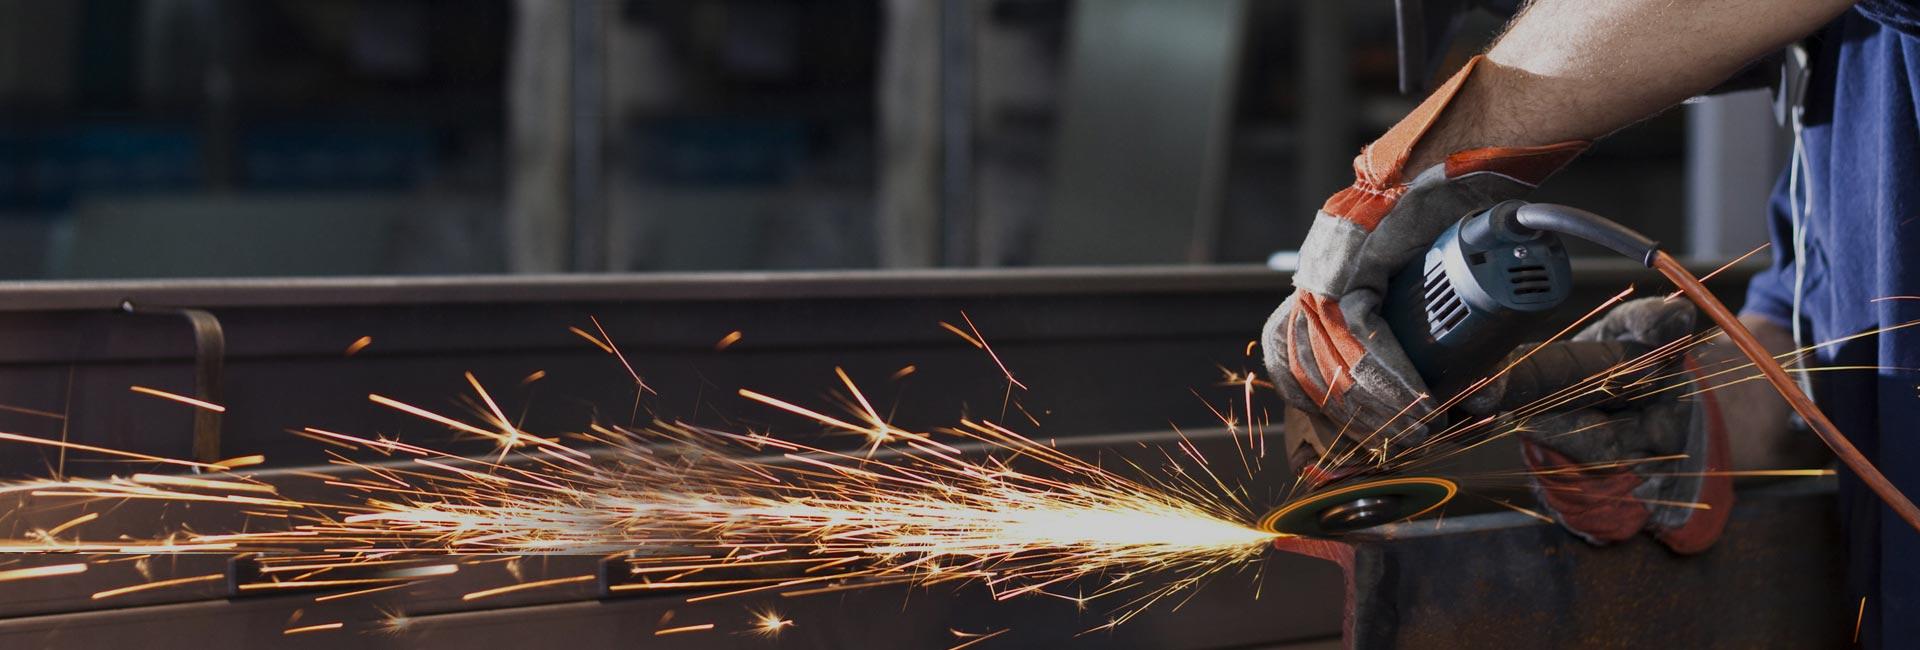 Gehr Industries Banner Image